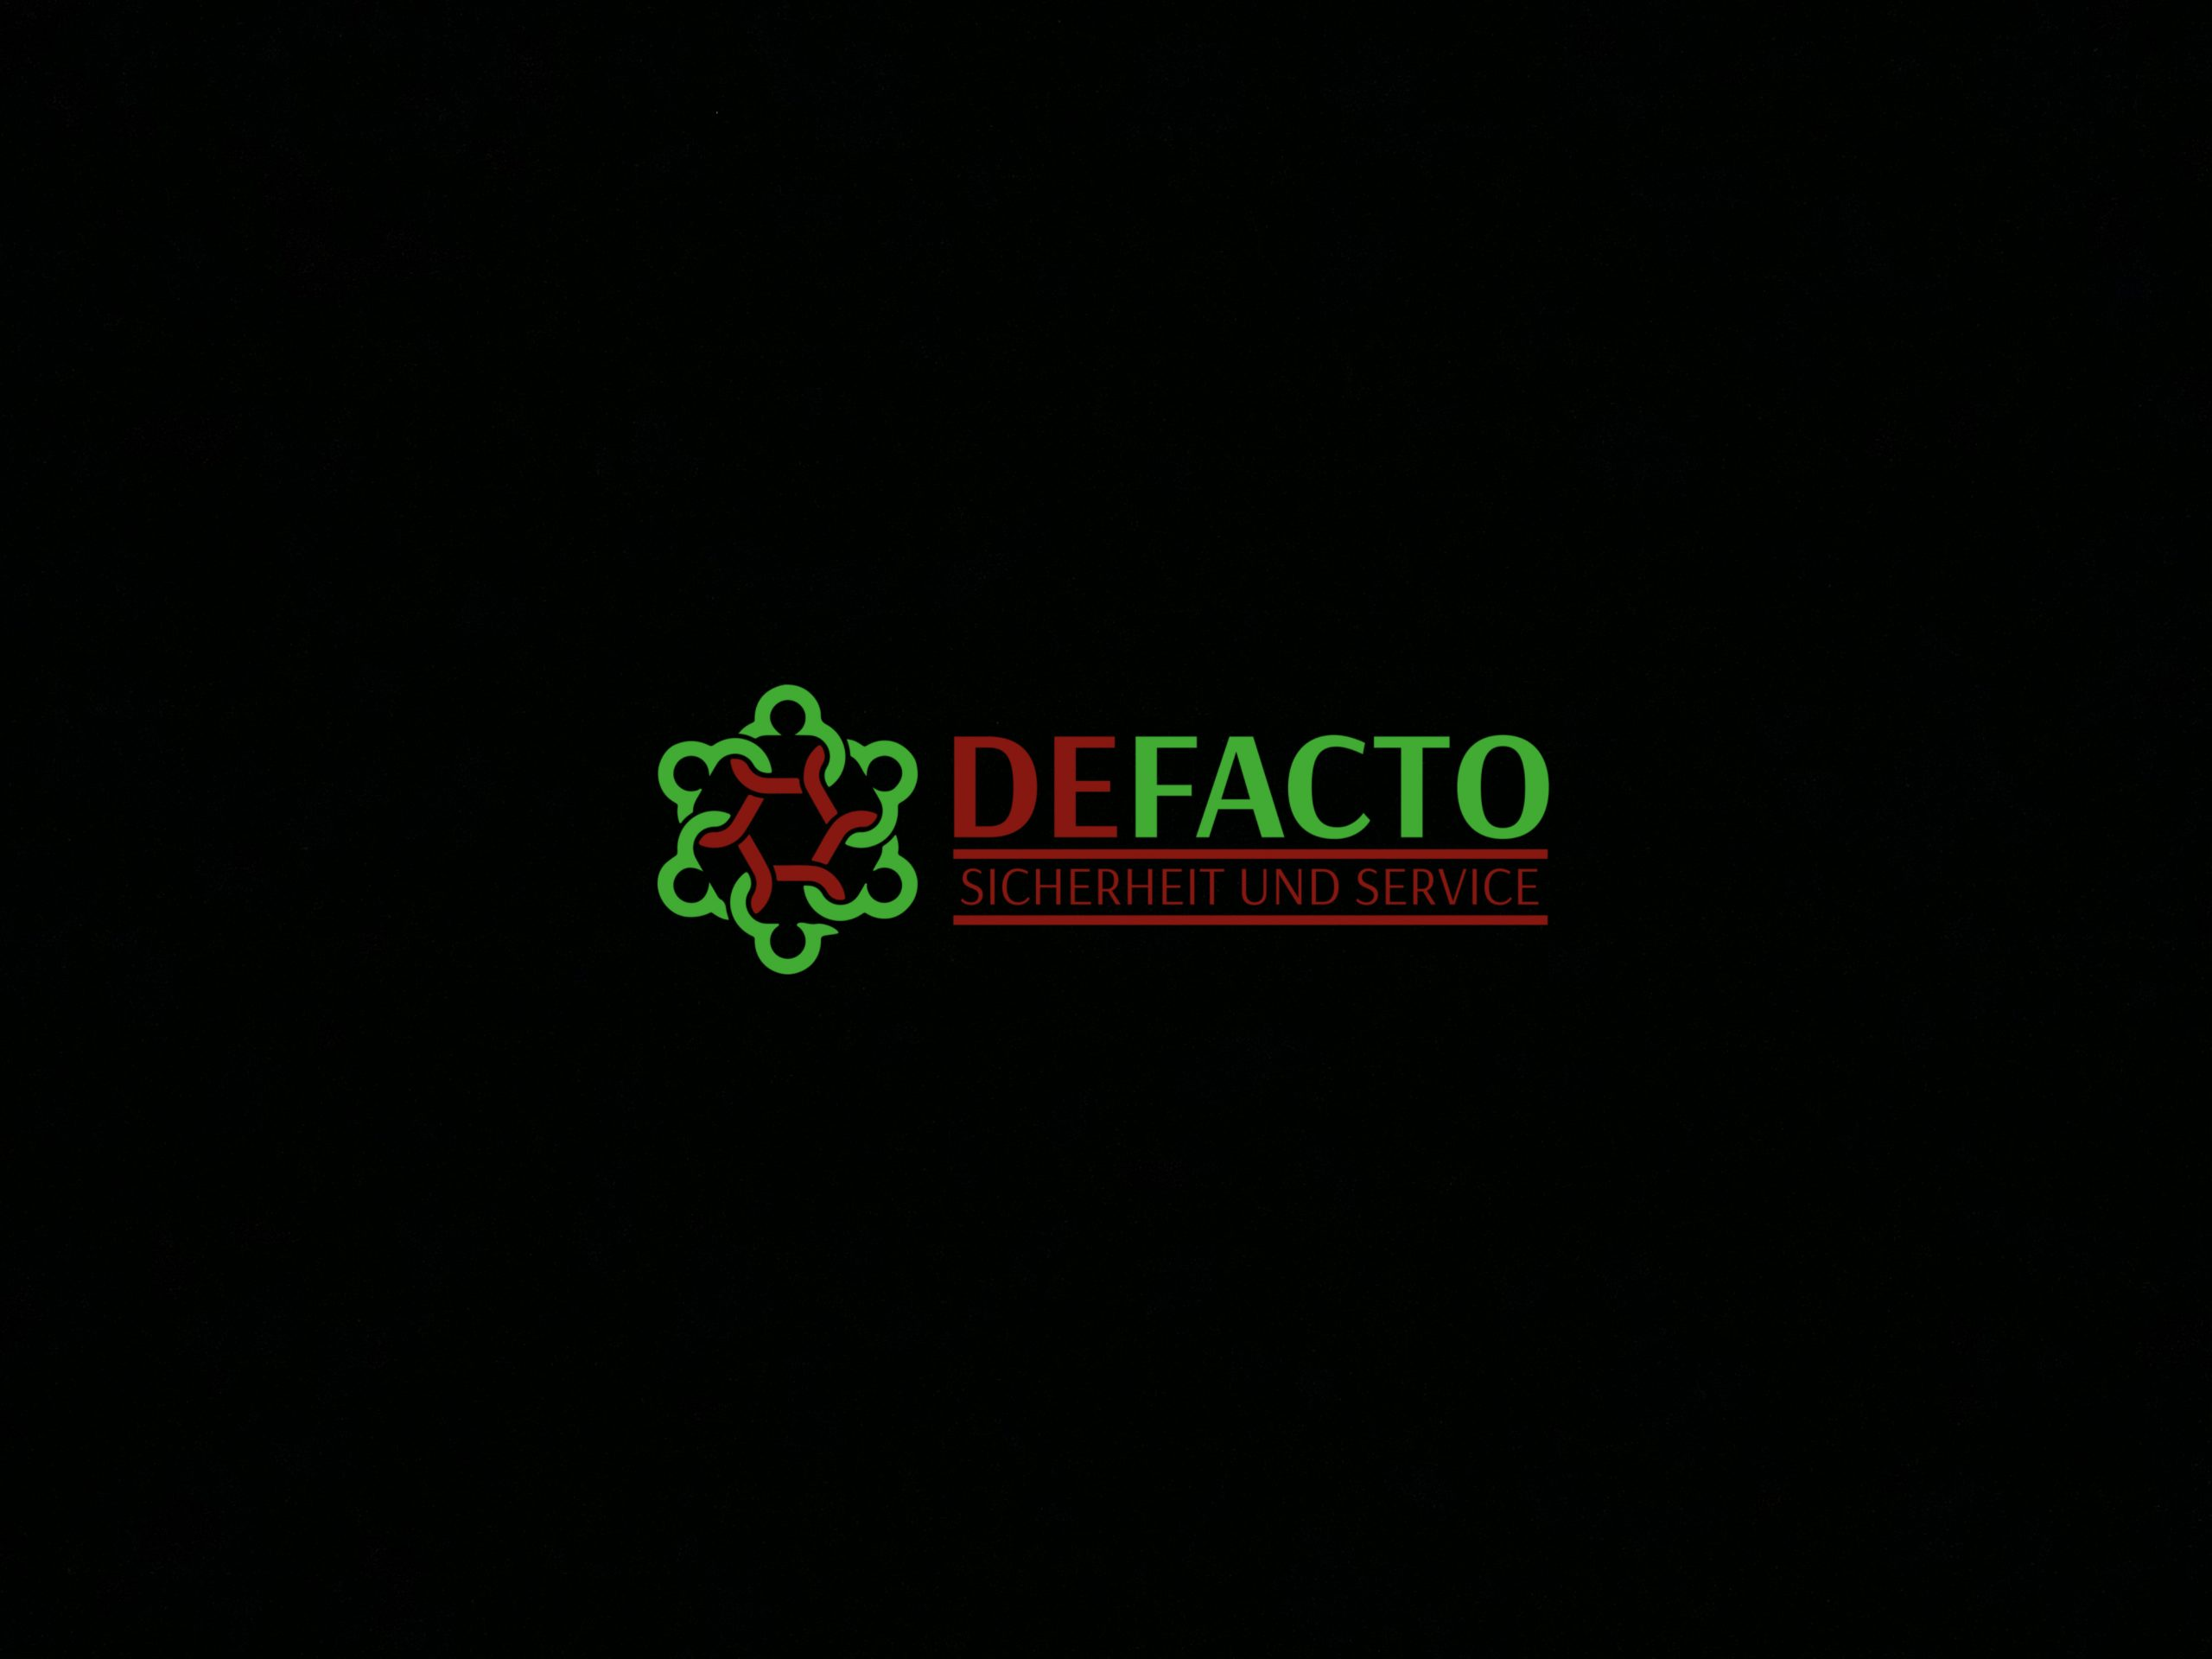 Logo der Defacto Sicherheit & Service UG